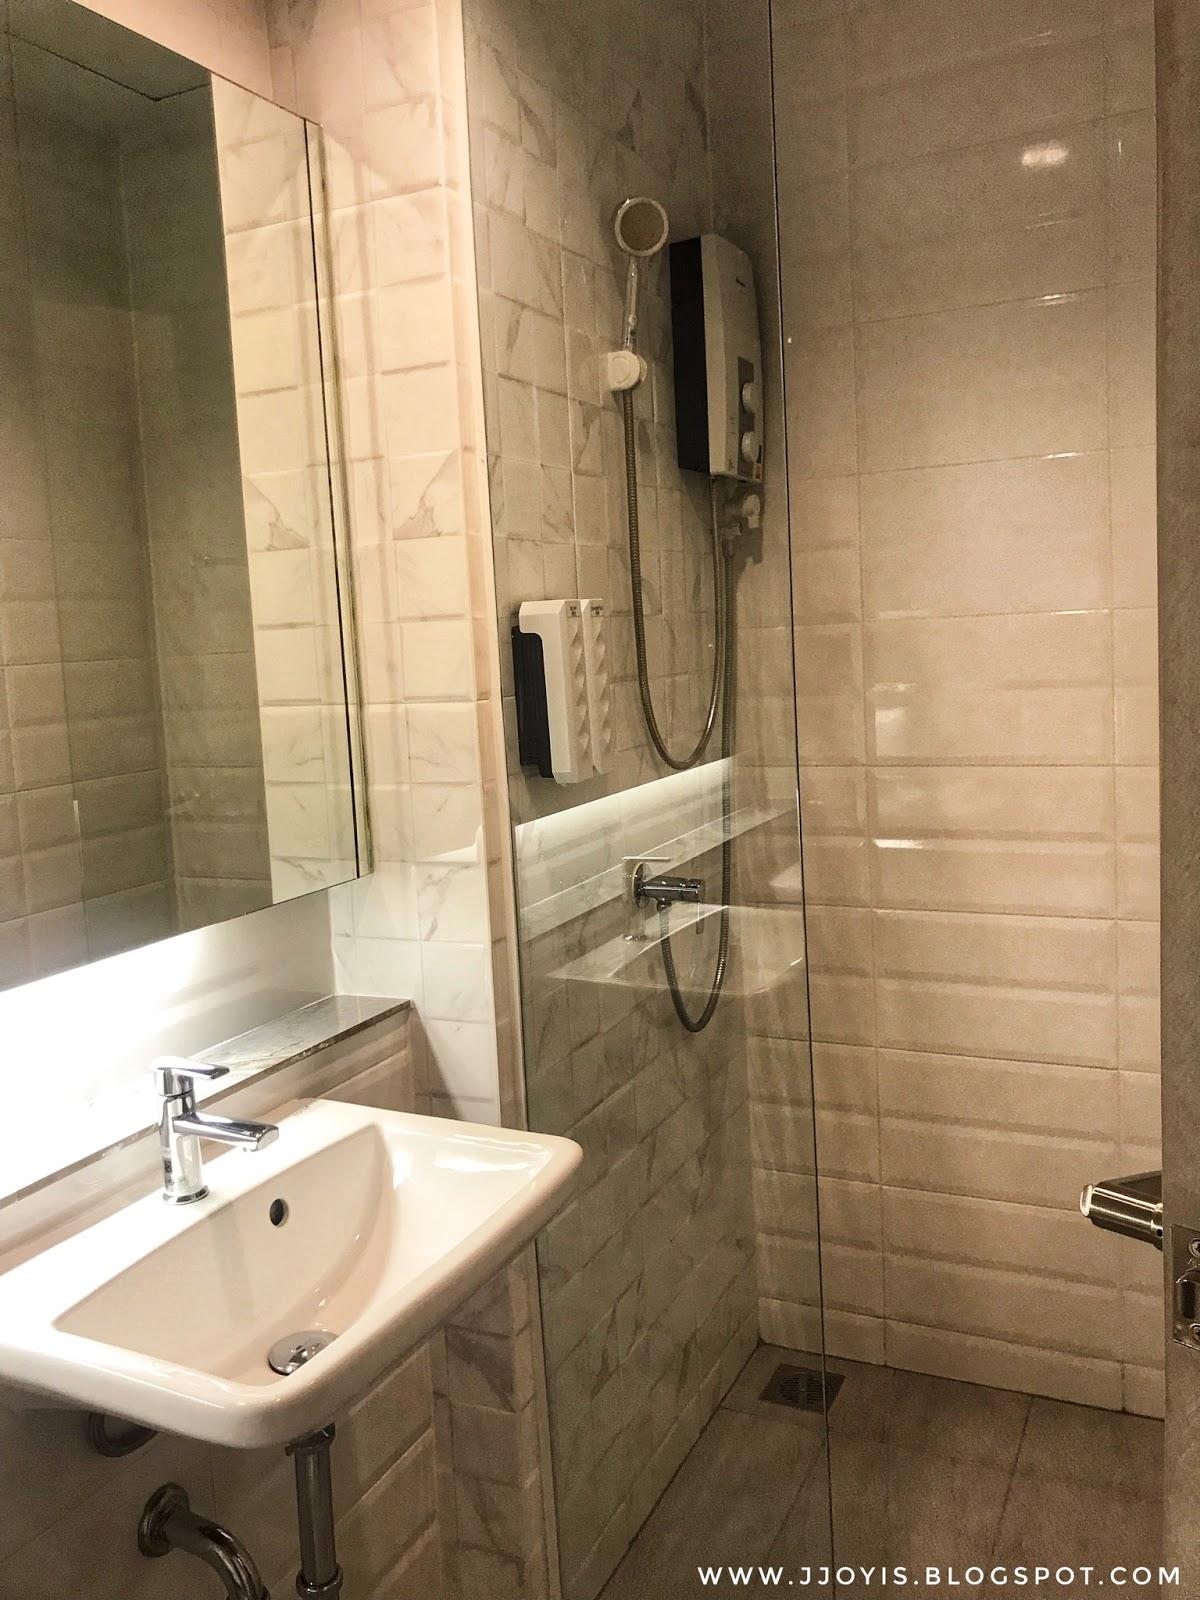 Martin villa Bangkok Pratunam hotel toilet clean